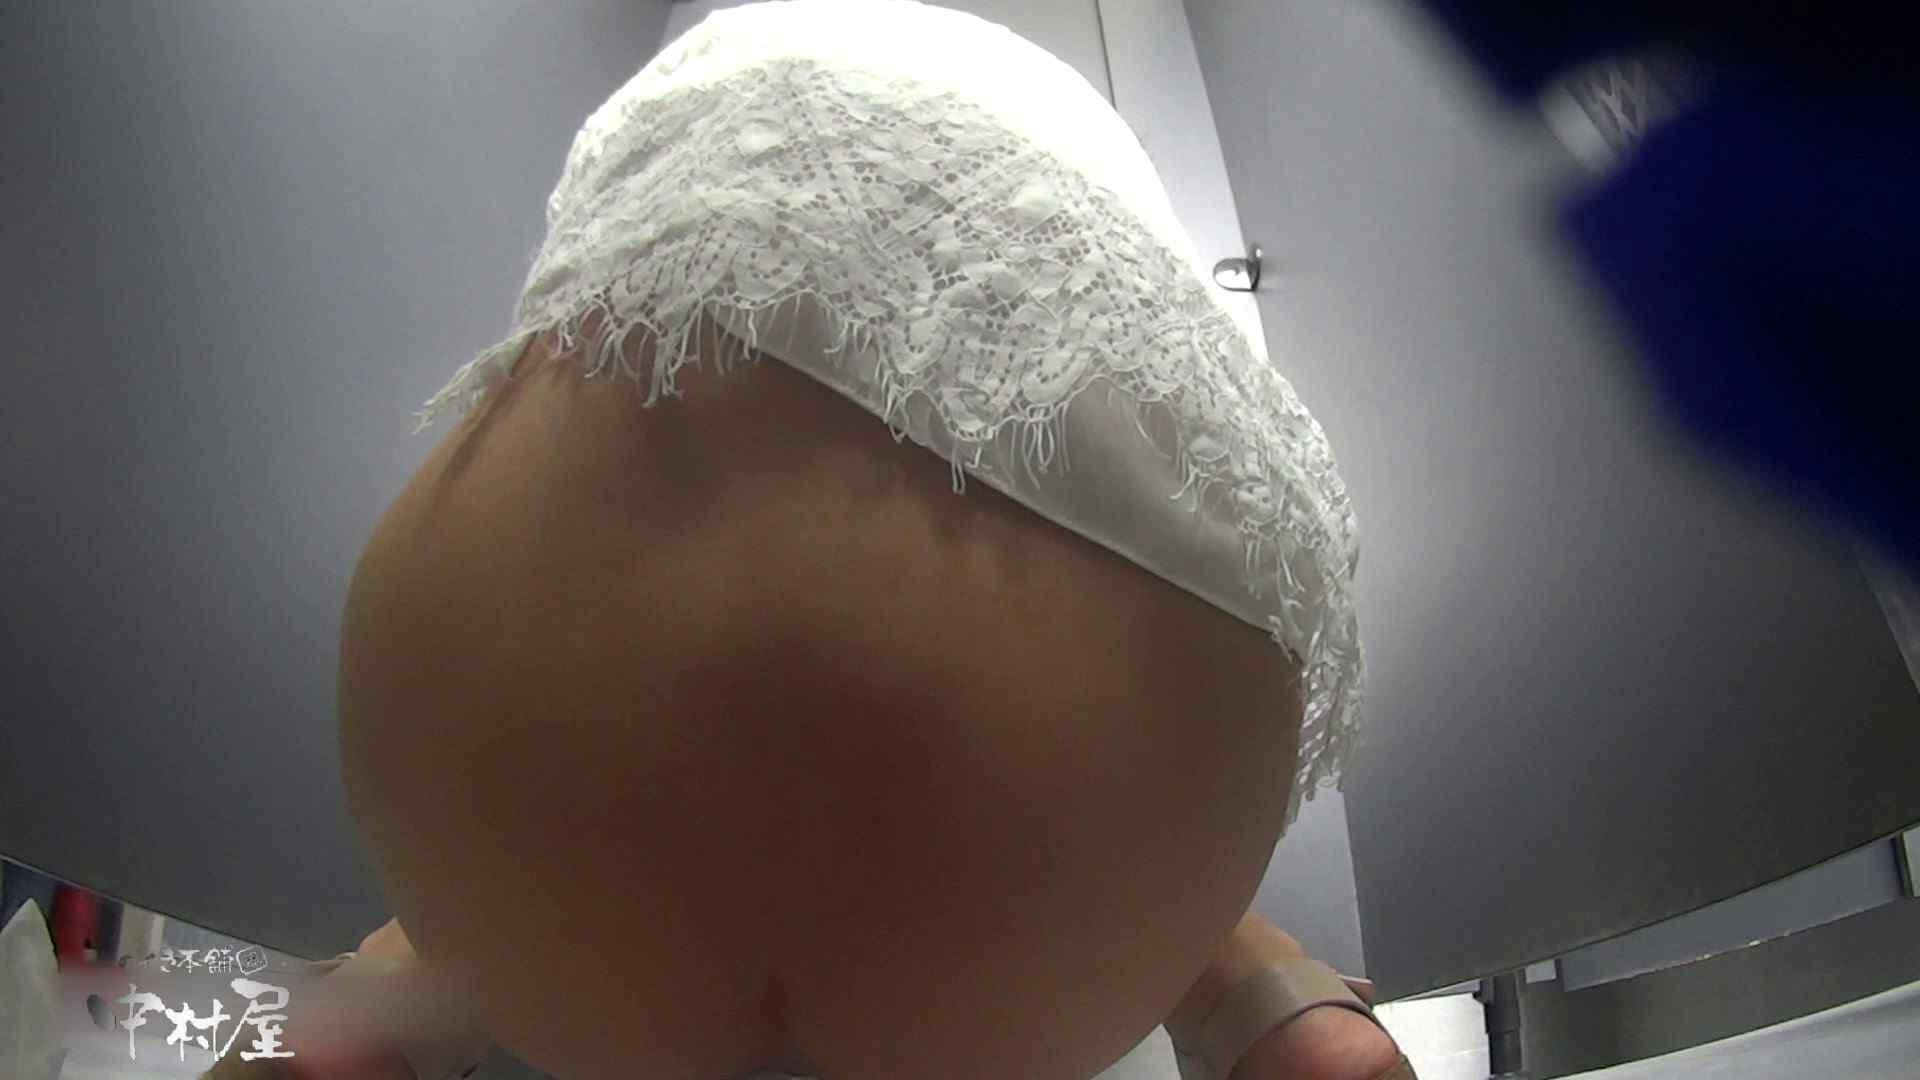 ツンデレお女市さんのトイレ事情 大学休憩時間の洗面所事情32 盗撮 セックス画像 90枚 57